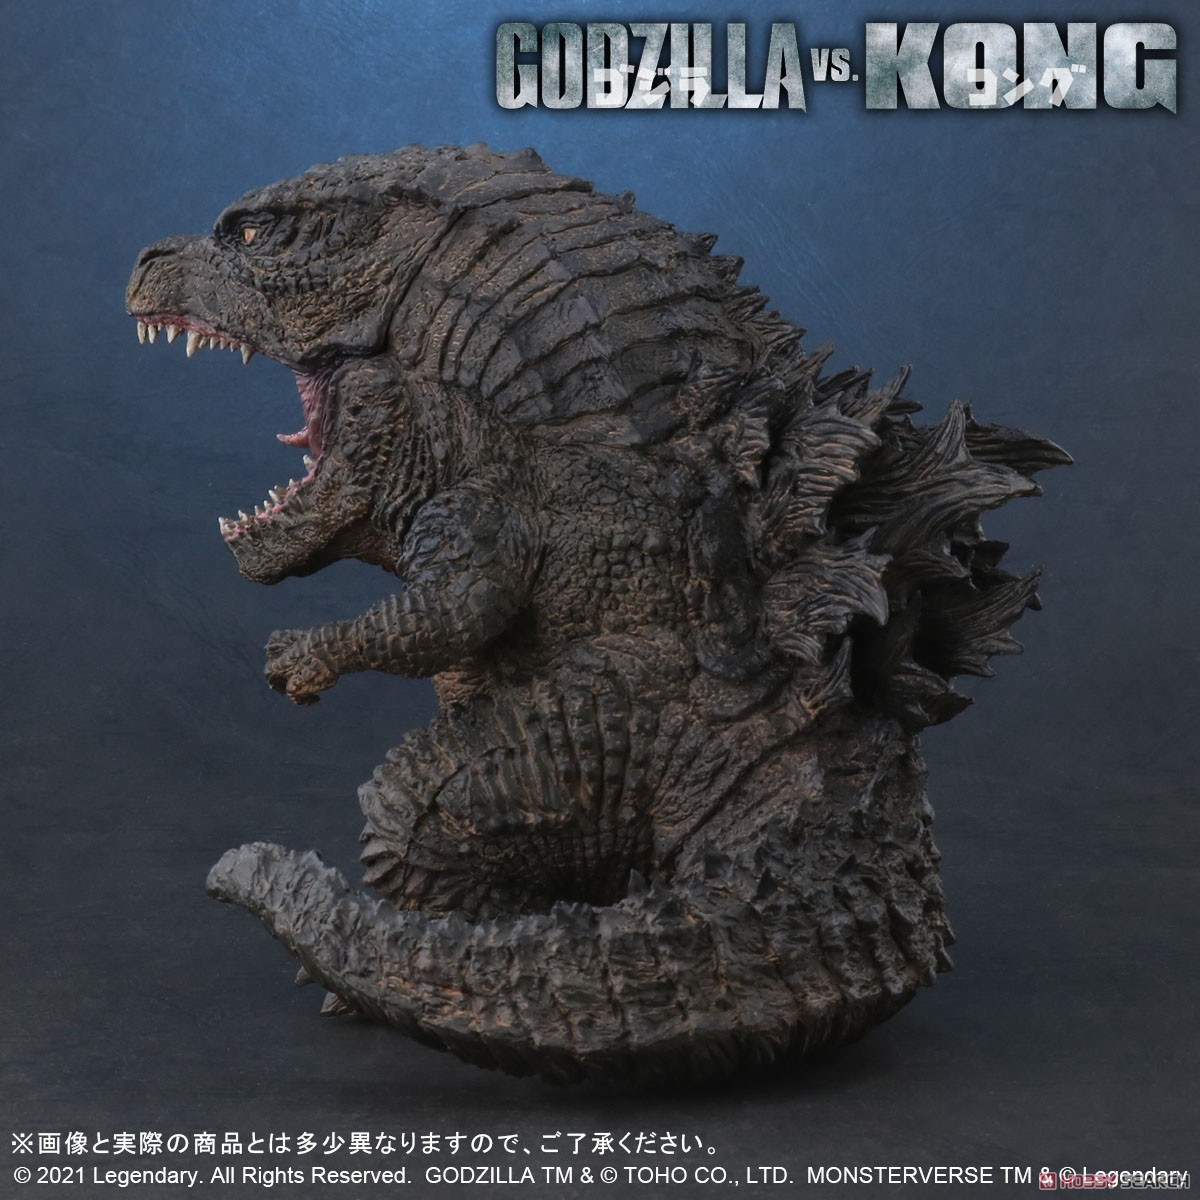 デフォリアル『GODZILLA FROM GODZILLA VS. KONG(2021)』ゴジラvsコング デフォルメ完成品フィギュア-006